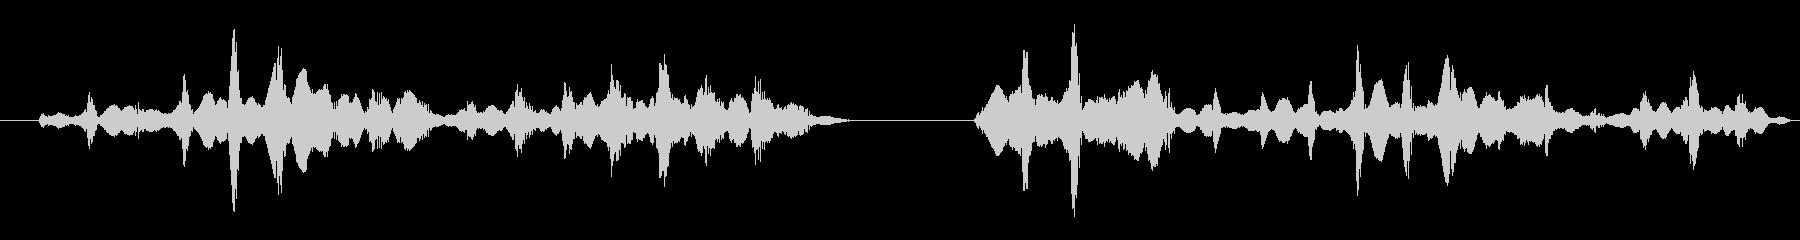 フィクション 実用性 抽象シンセ04の未再生の波形